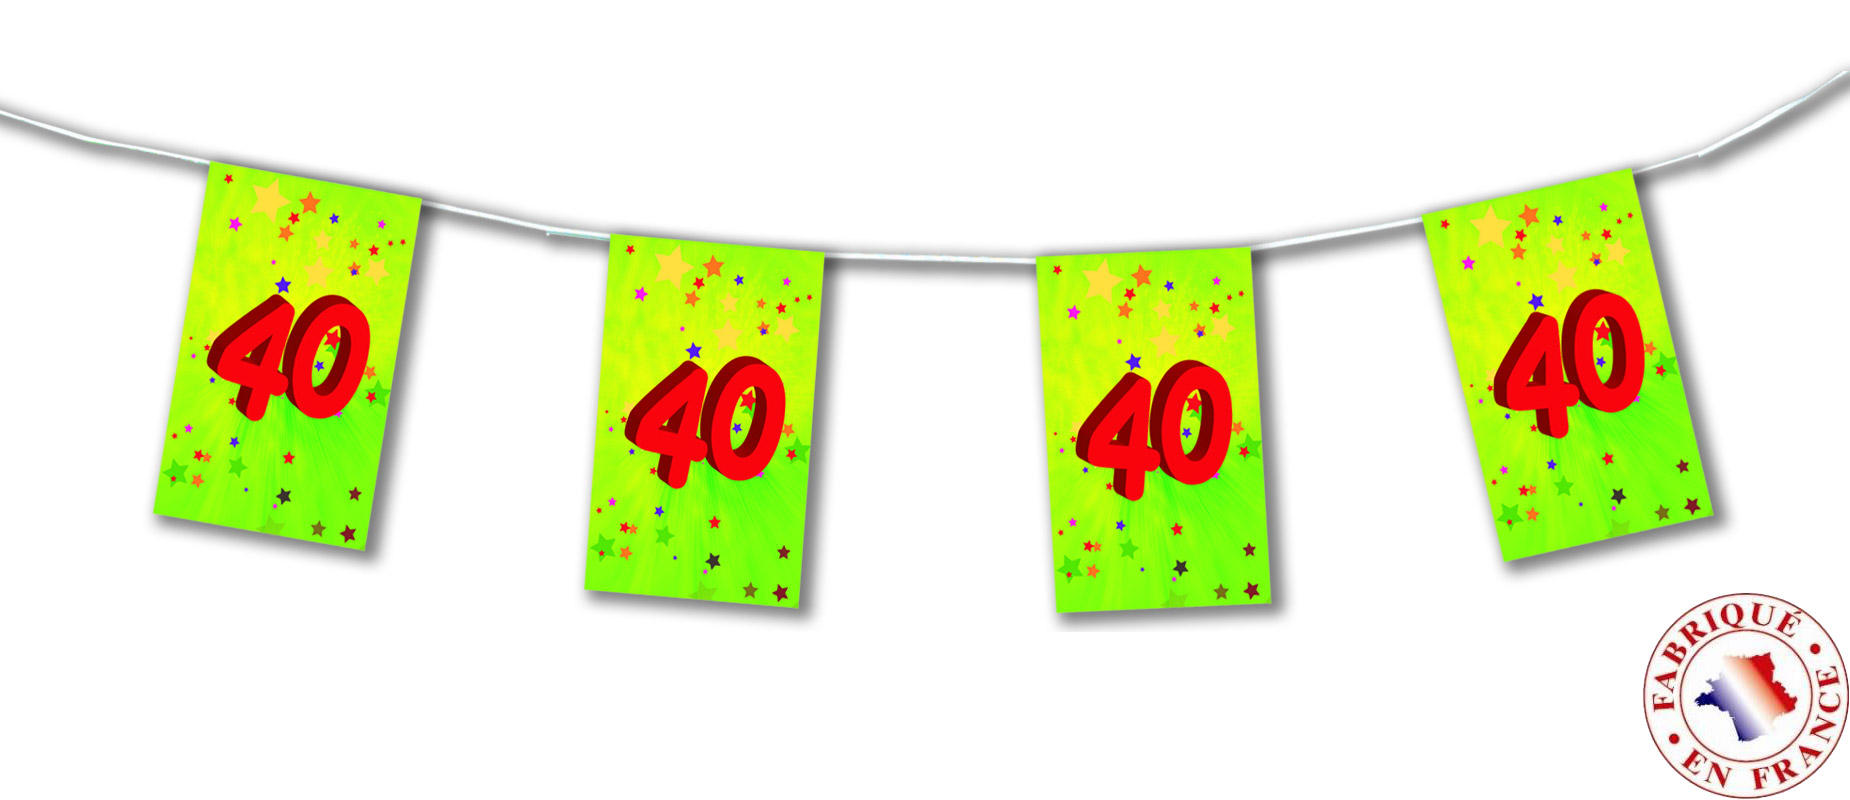 guirlande fanions papier 40 ans 4m d coration anniversaire et f tes th me sur vegaoo party. Black Bedroom Furniture Sets. Home Design Ideas